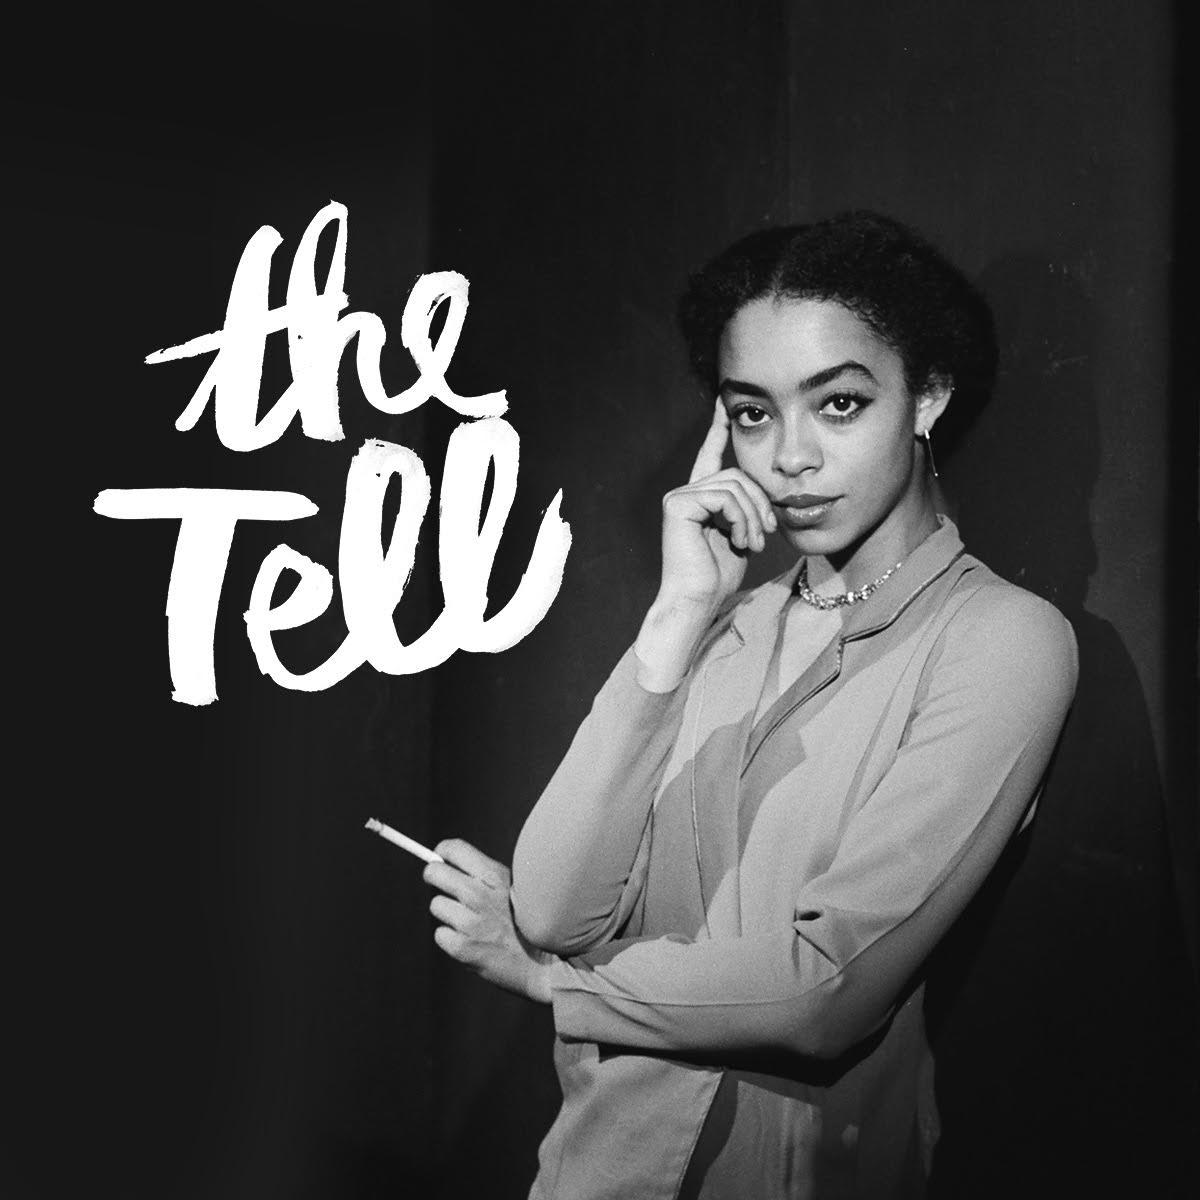 THE TELL ep.1 cover image shrunk letter.jpg